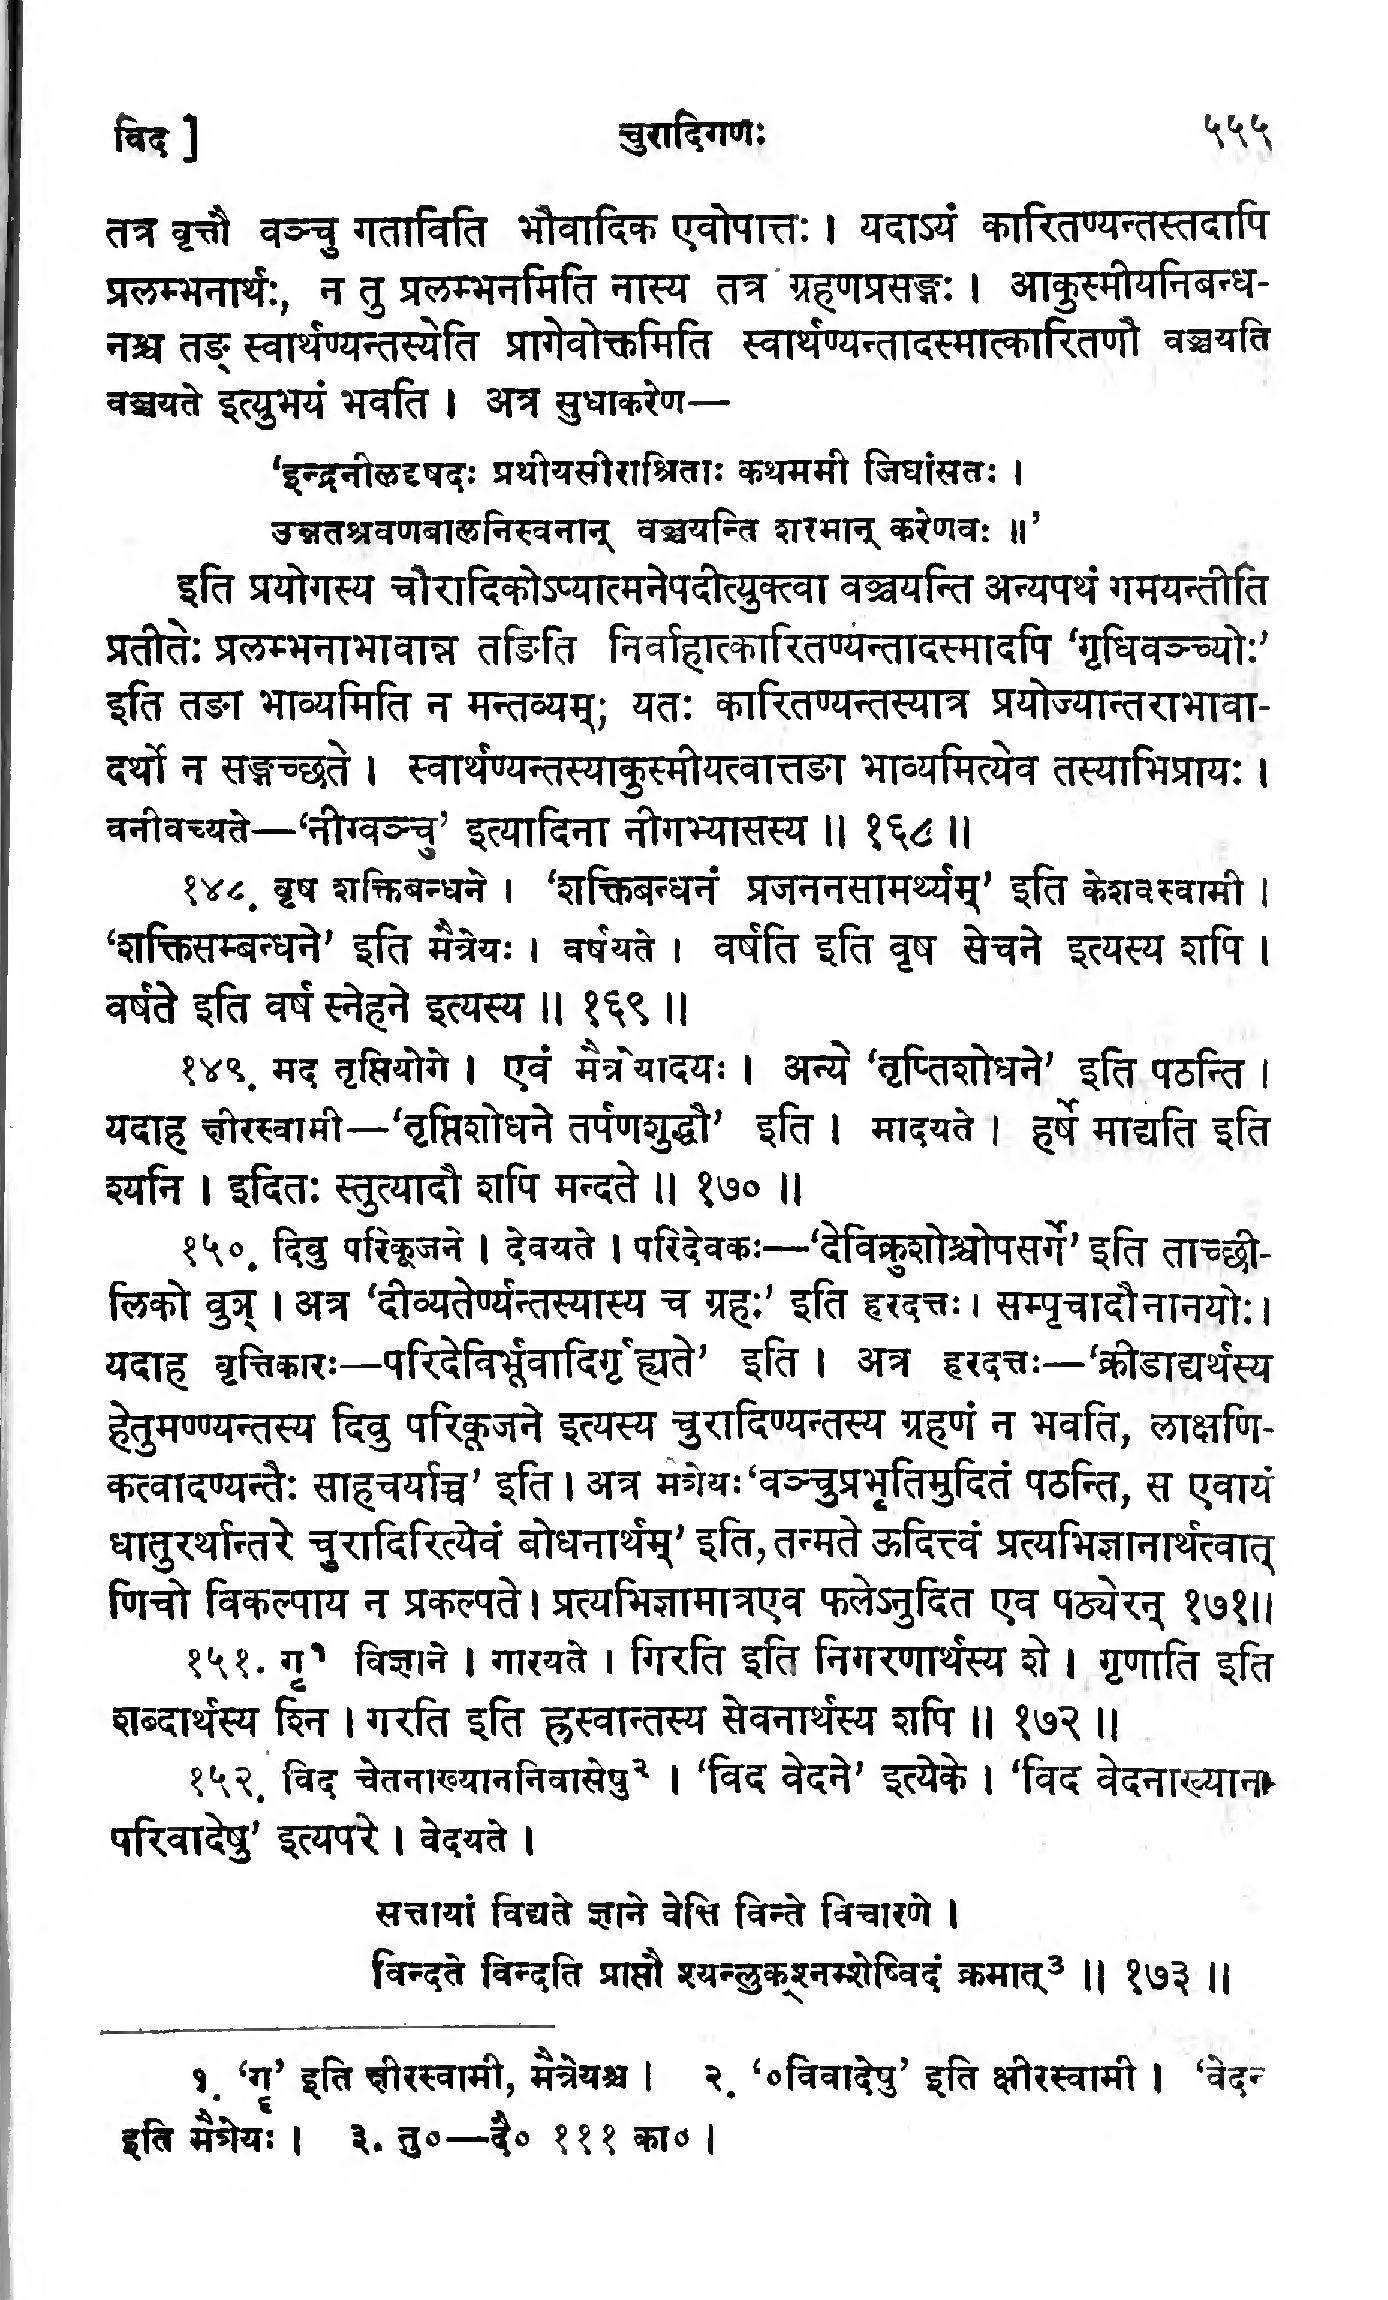 Elephant En Inde Signification sanskrit dictionary